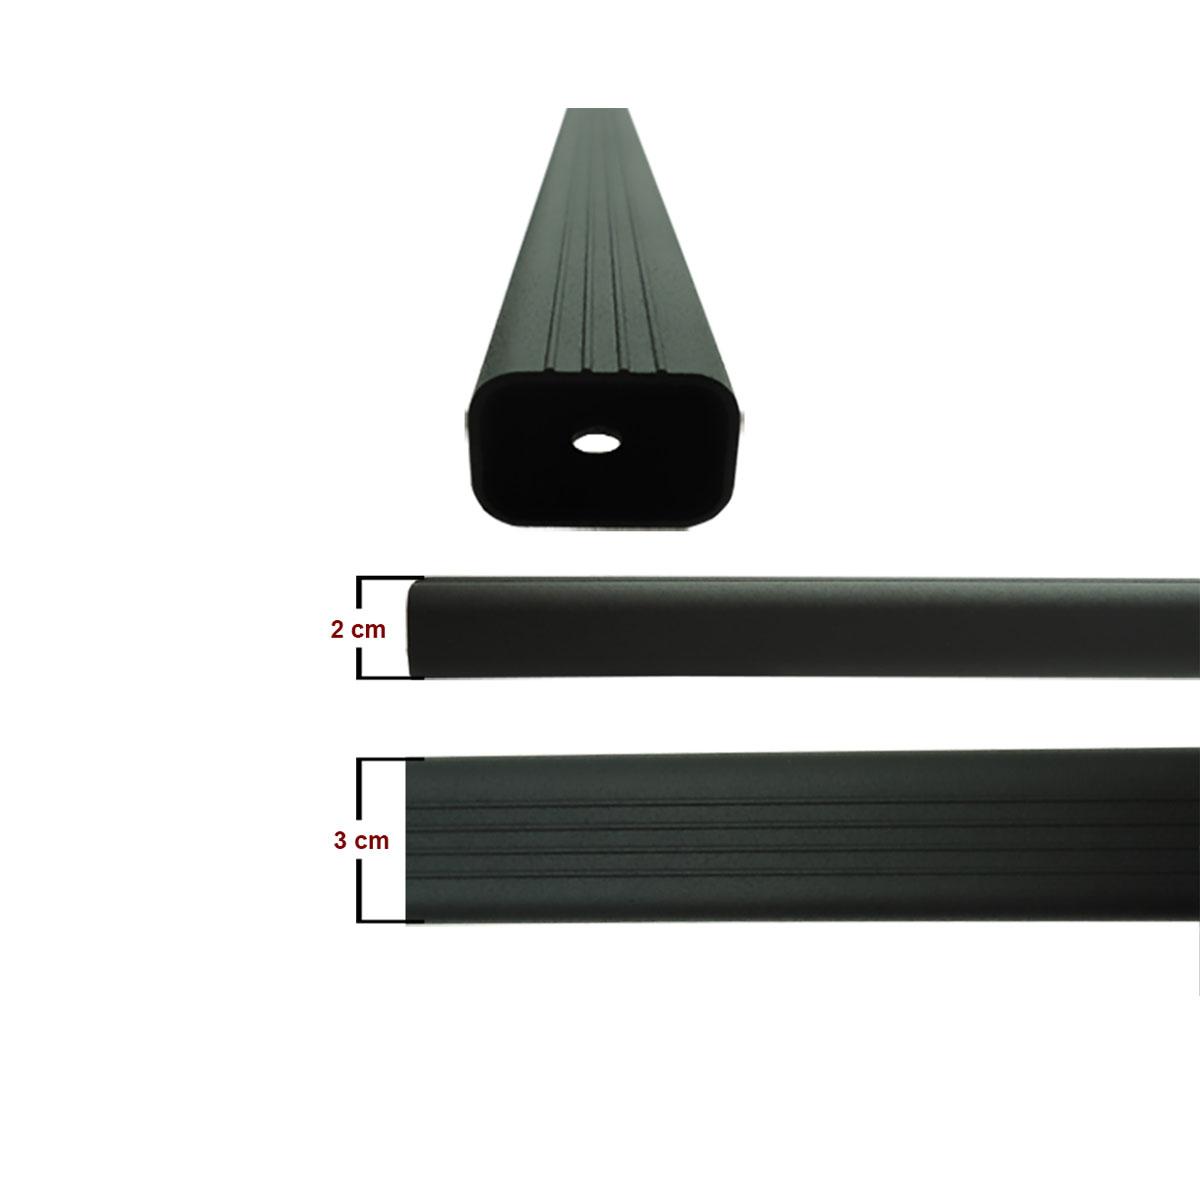 Travessa rack de teto alumínio preta Spacefox 2006 a 2017 ou Space Cross 2012 a 2017